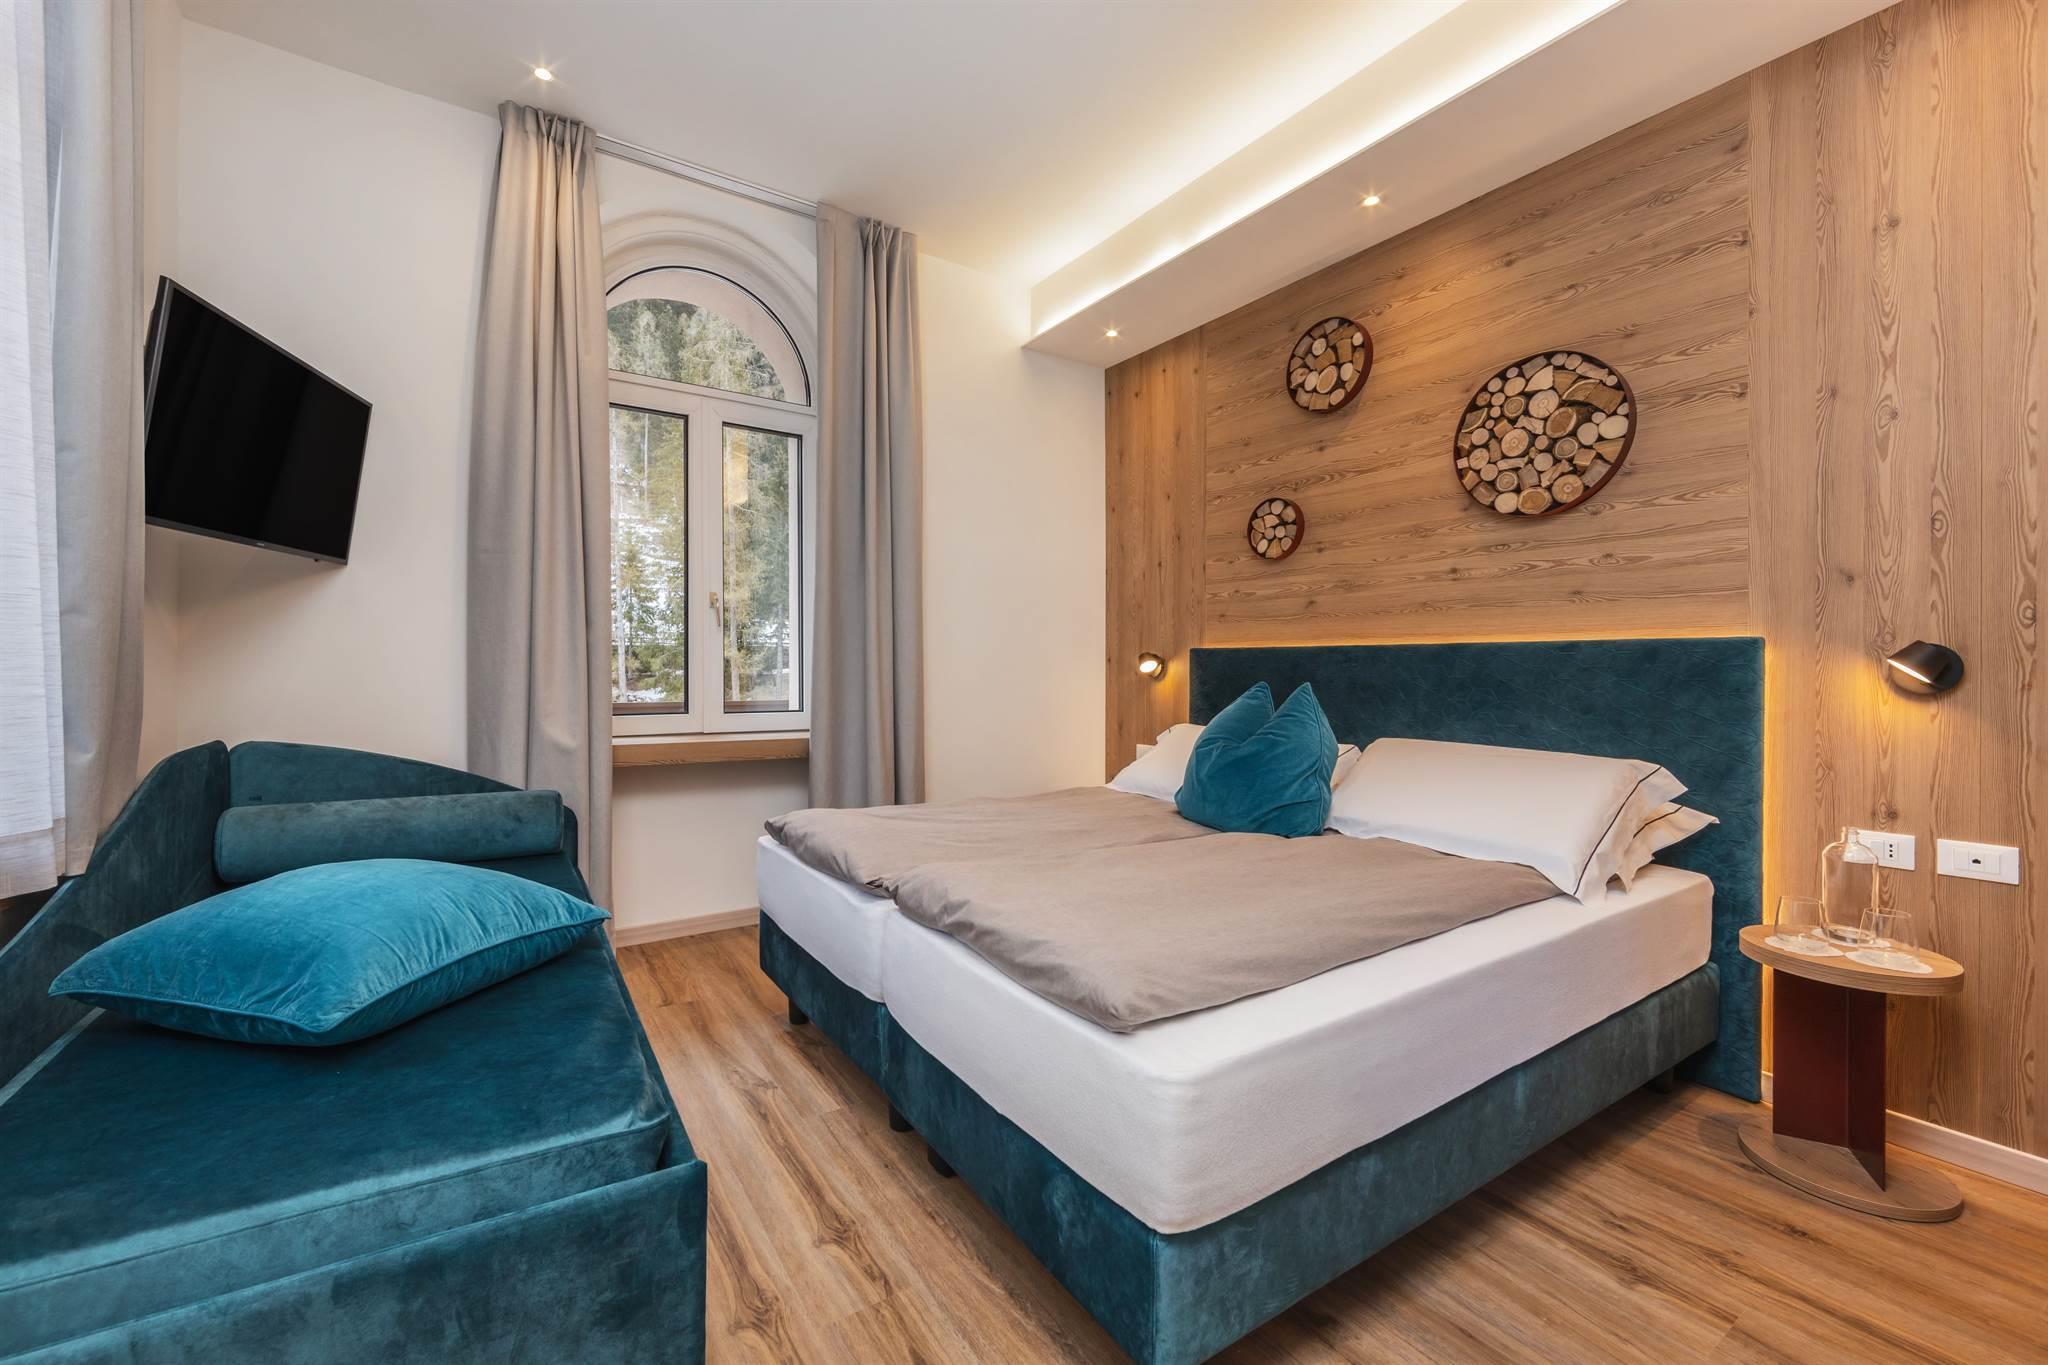 Camera Deluxe Hotel Pejo 125A2420-min